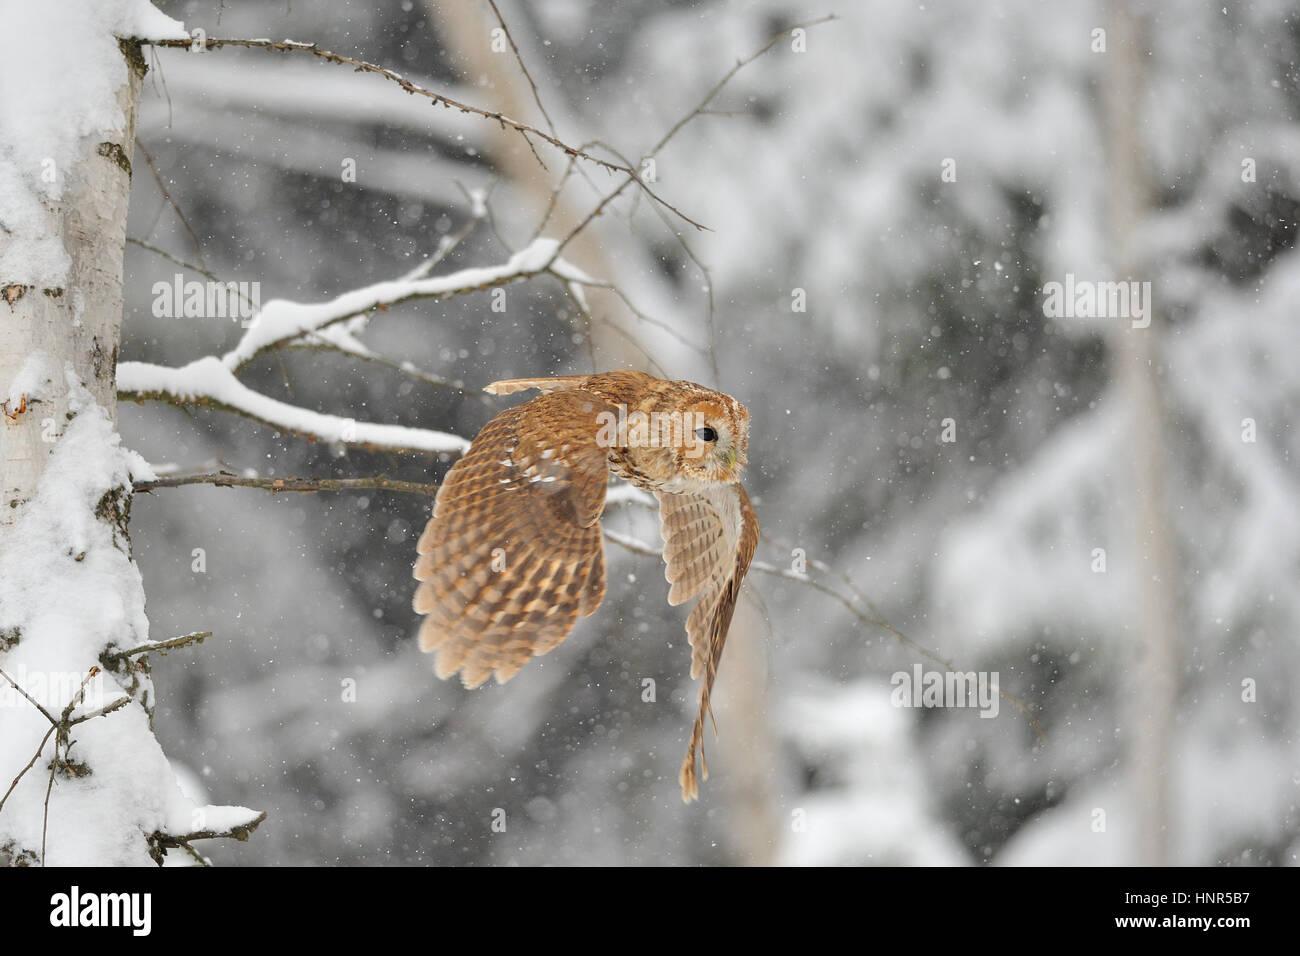 Fliegen im Winter Zeit Whne Waldkauz schneit Stockbild